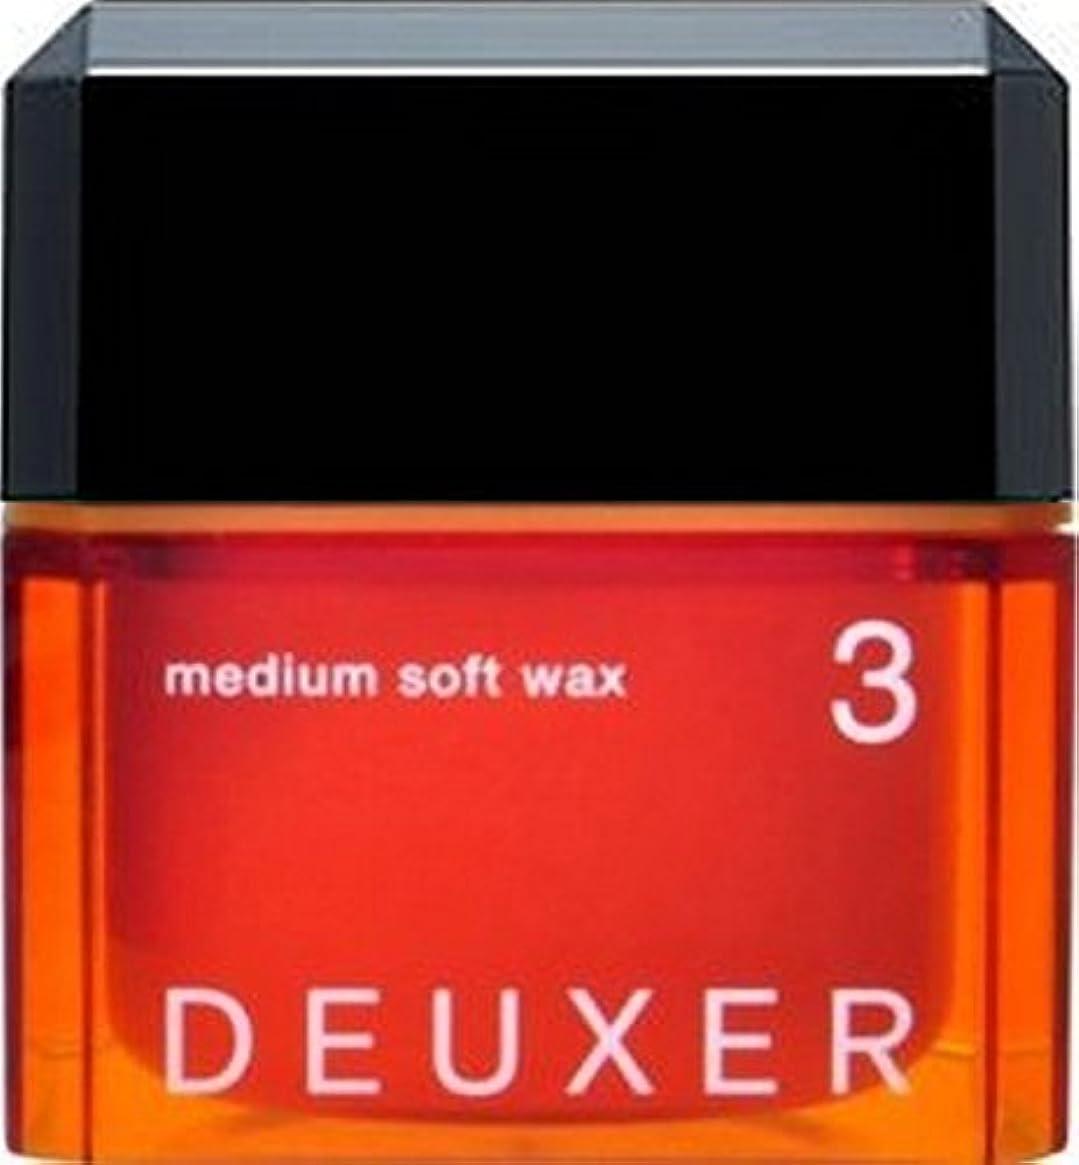 エスカレート雑多な回転させるナンバースリー デューサーワックス DEUXER 3 80g[並行輸入品]